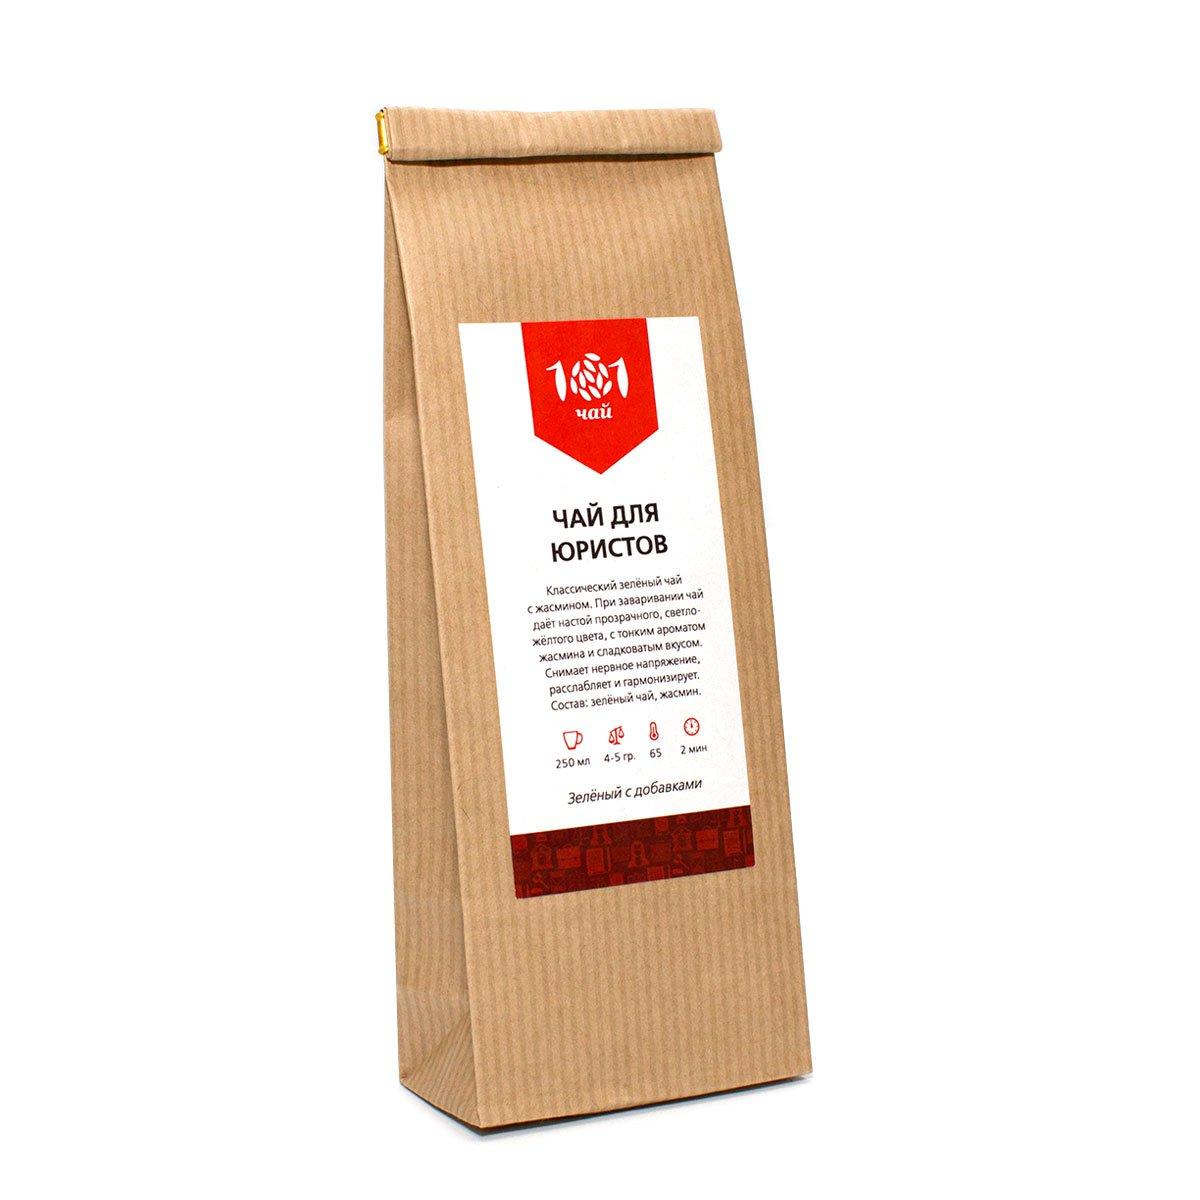 Подарочный чай для юристов (зеленый) цена